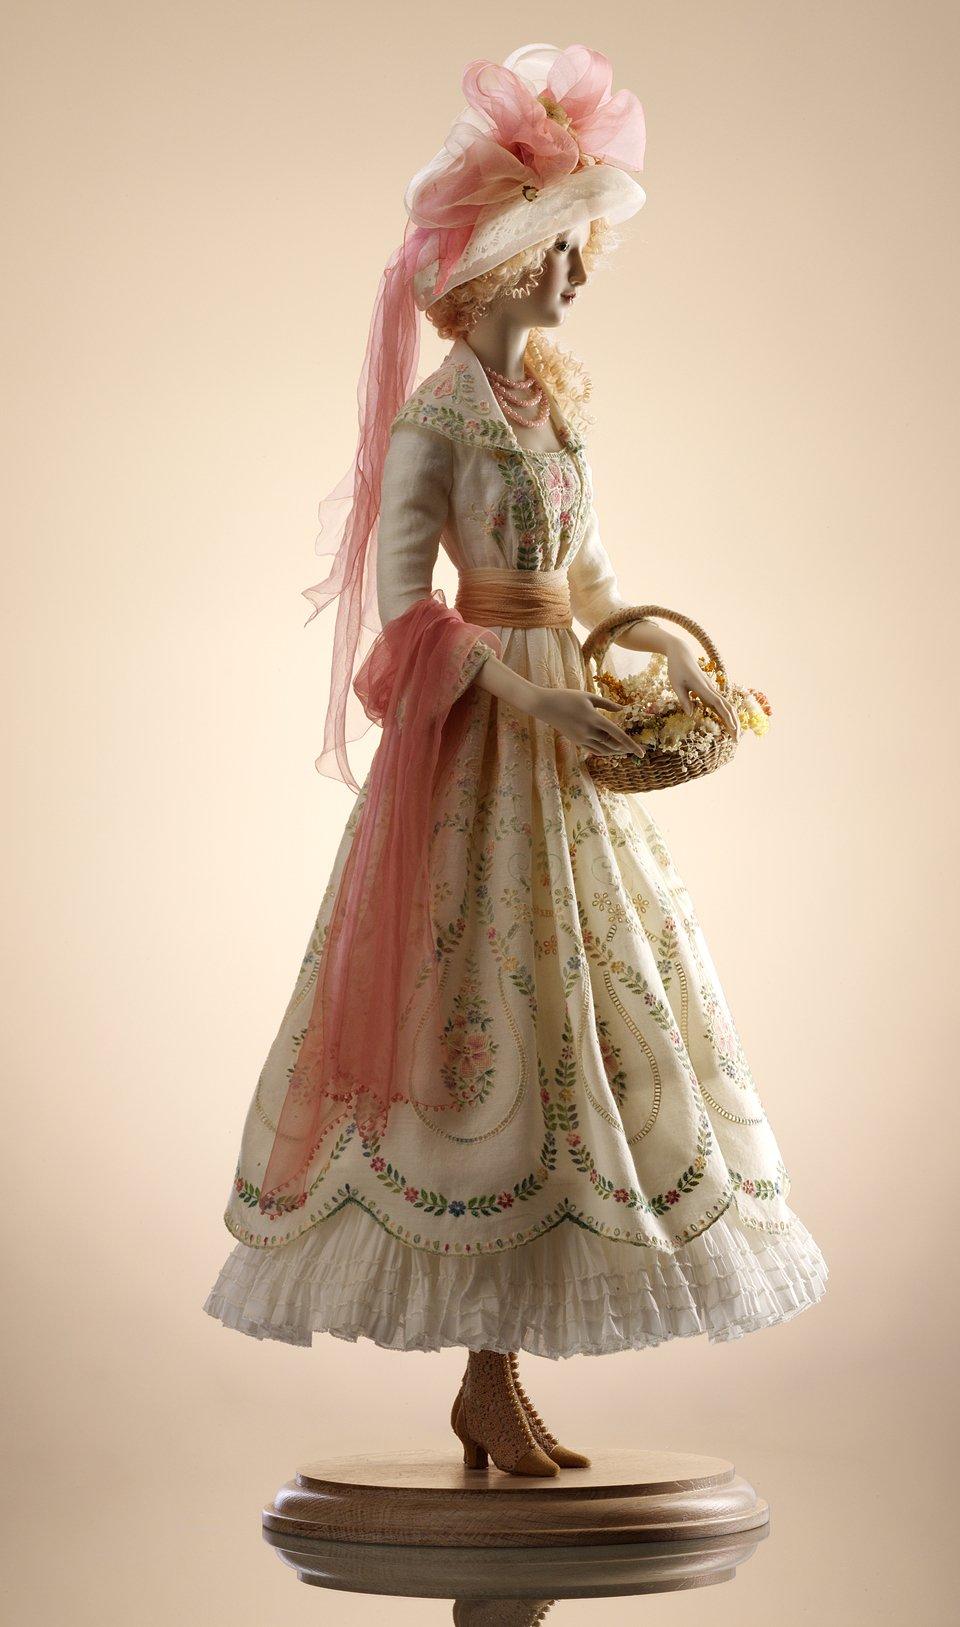 Alexandra-Kokinova-muneca-hecha-a-mano-Martha-1910